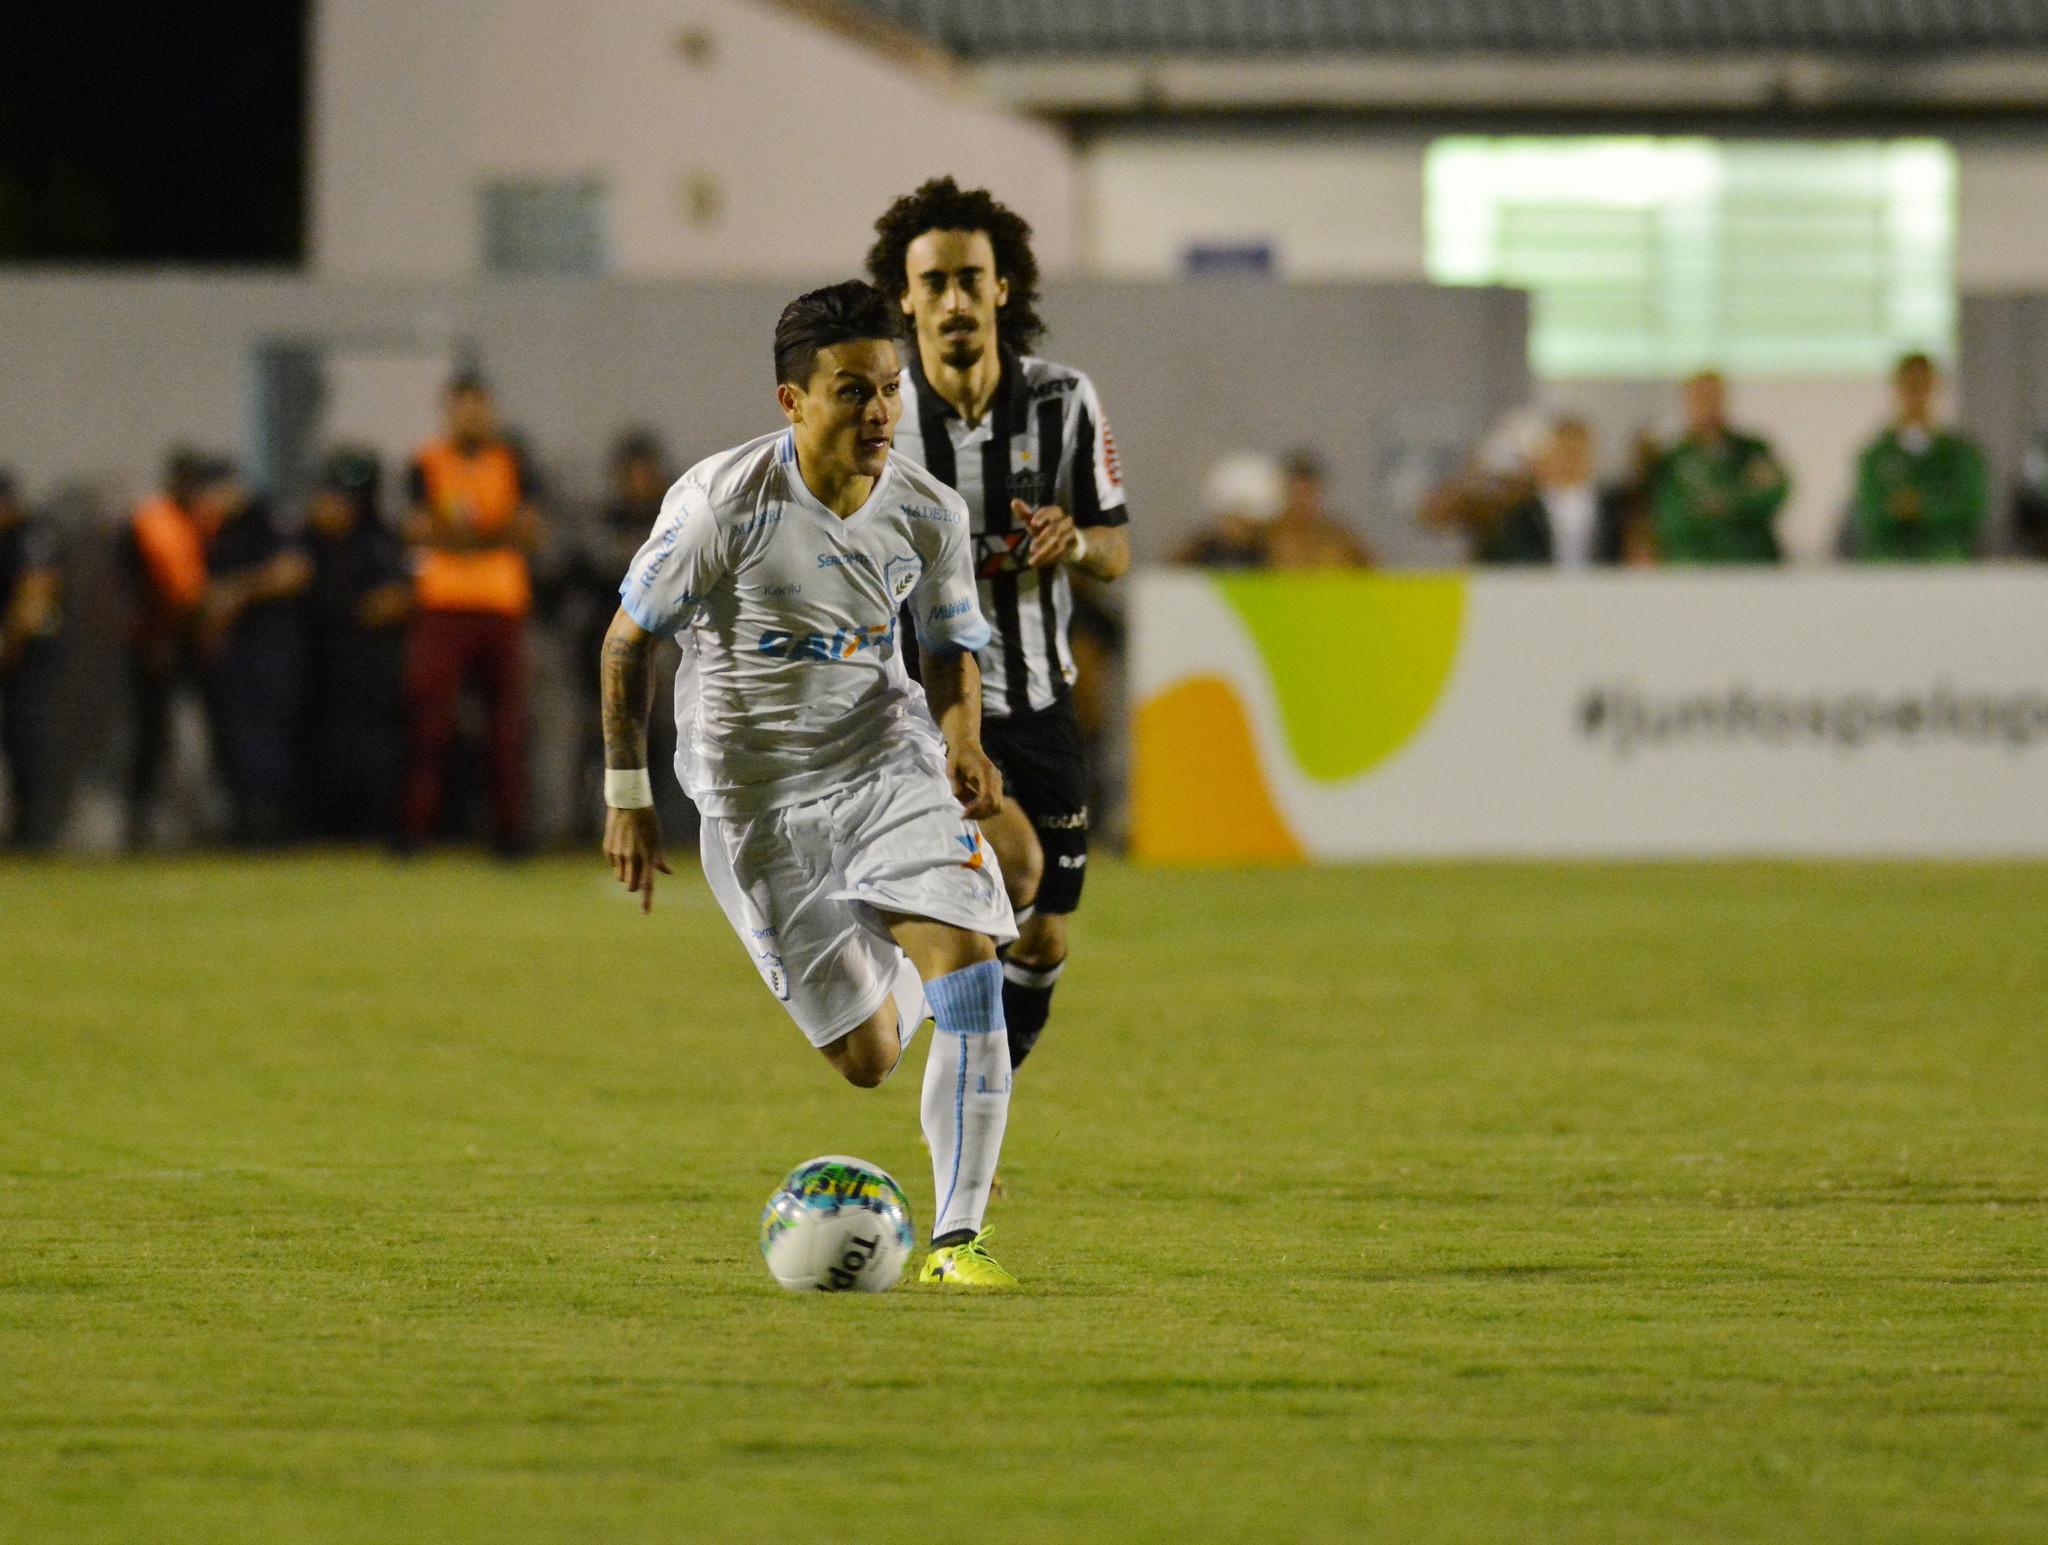 Artur está fora do próximo jogo. Fotos: Gustavo Oliveira/Londrina Esporte Clube